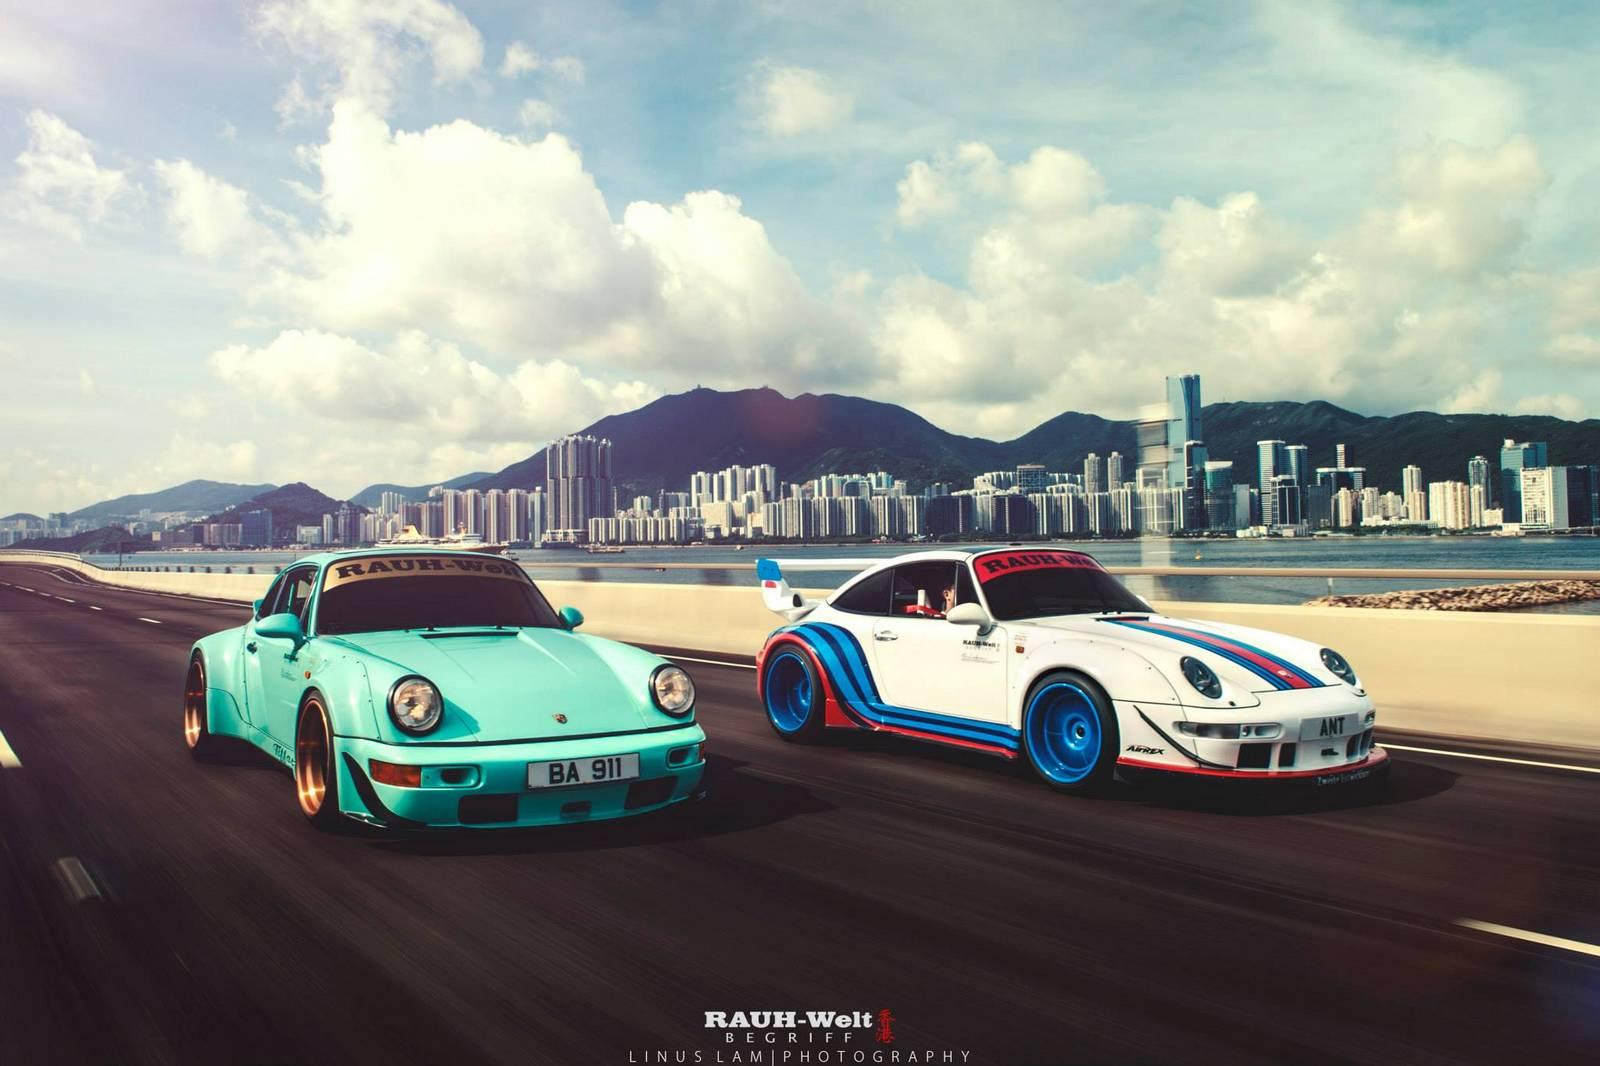 Porsche Rwb For Sale >> Photo Of The Day: Double RWB Porsche 911 in Hong Kong - GTspirit